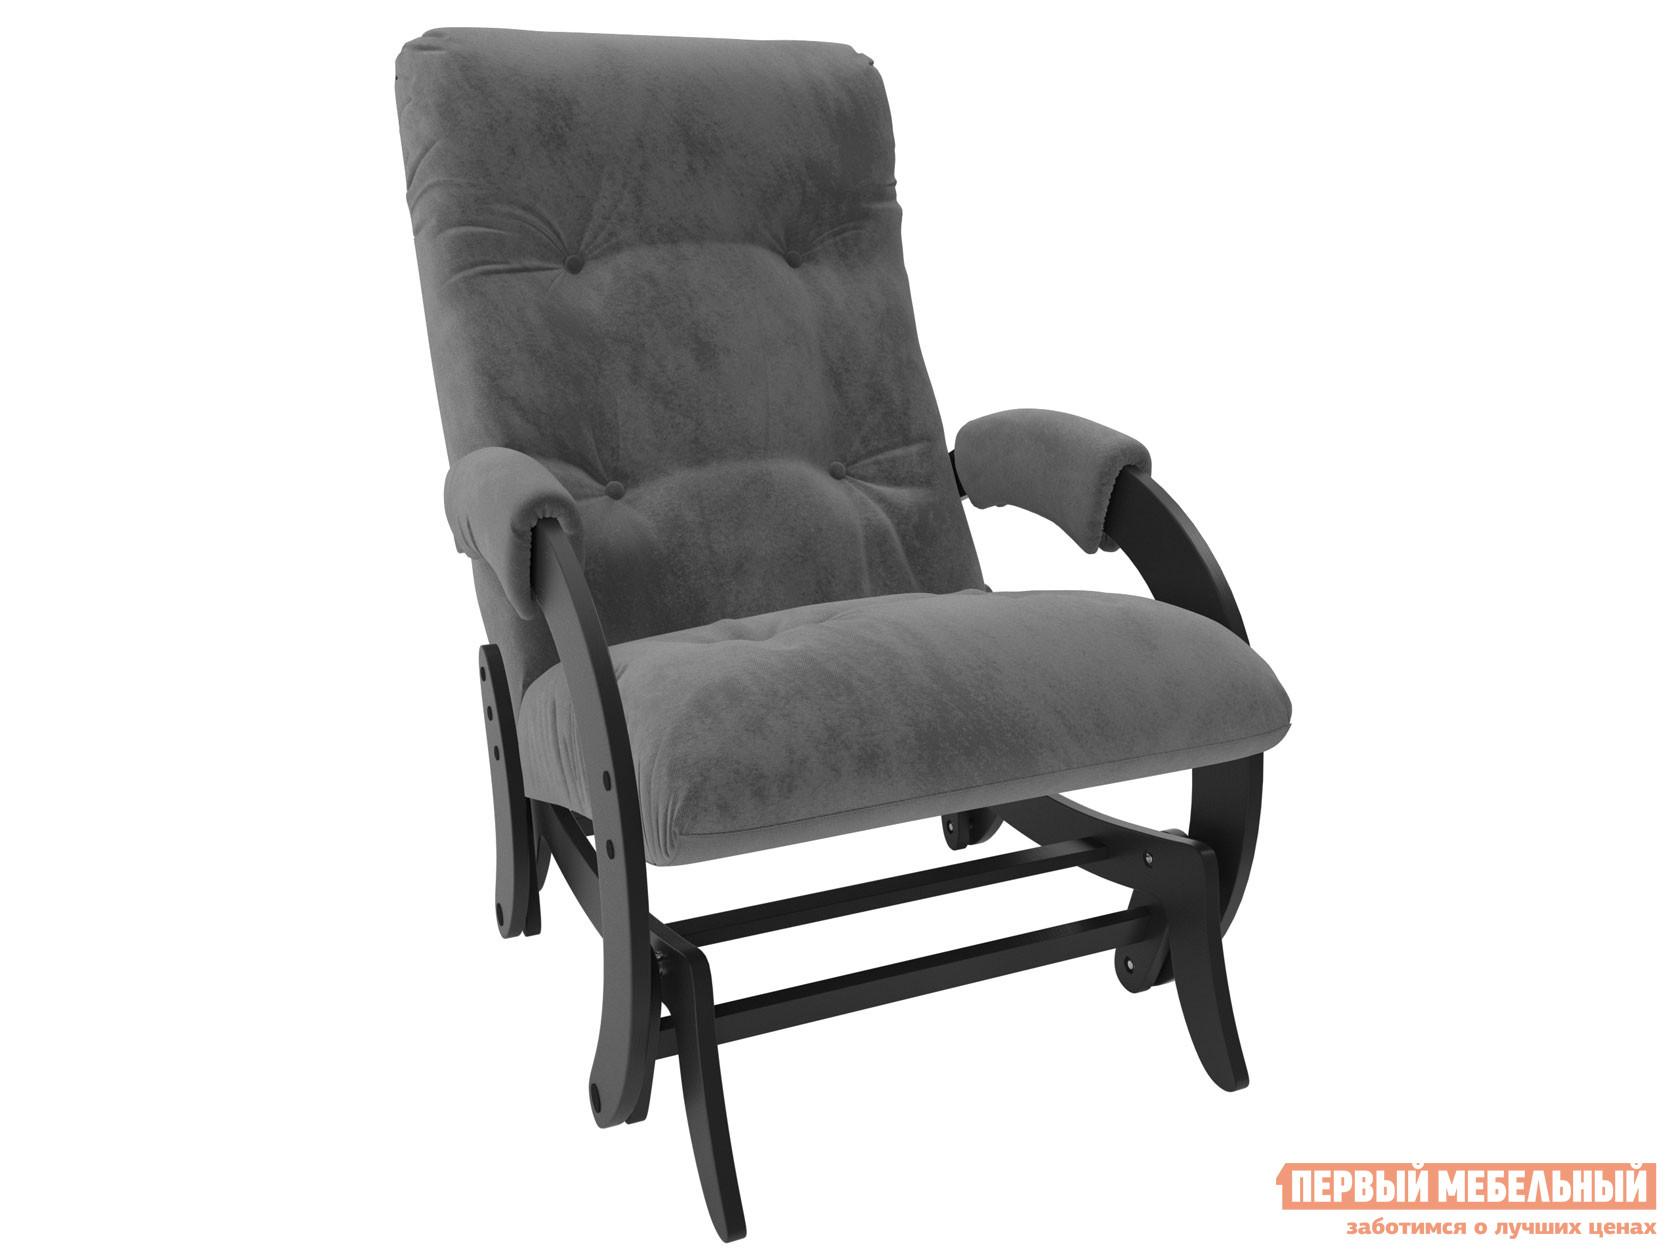 Кресло-качалка  Кресло-качалка глайдер Комфорт Модель 68 Венге, Verona Antrazite Grey, велюр